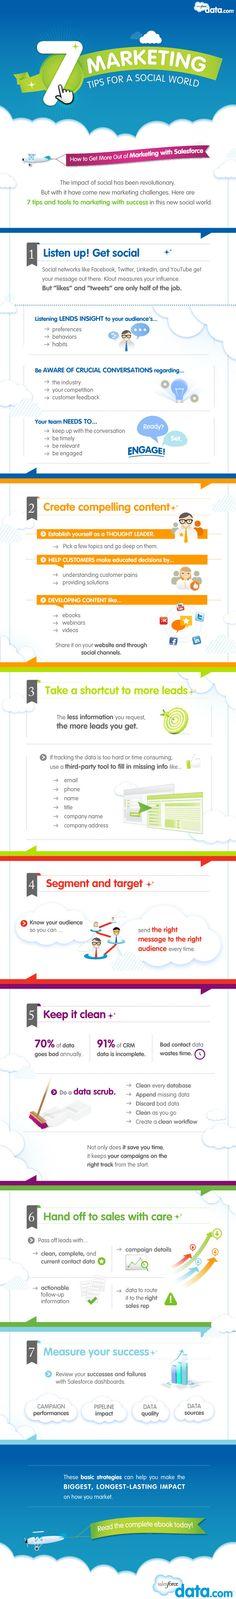 Fuerza de ventas #MarketingEnSocialMedia